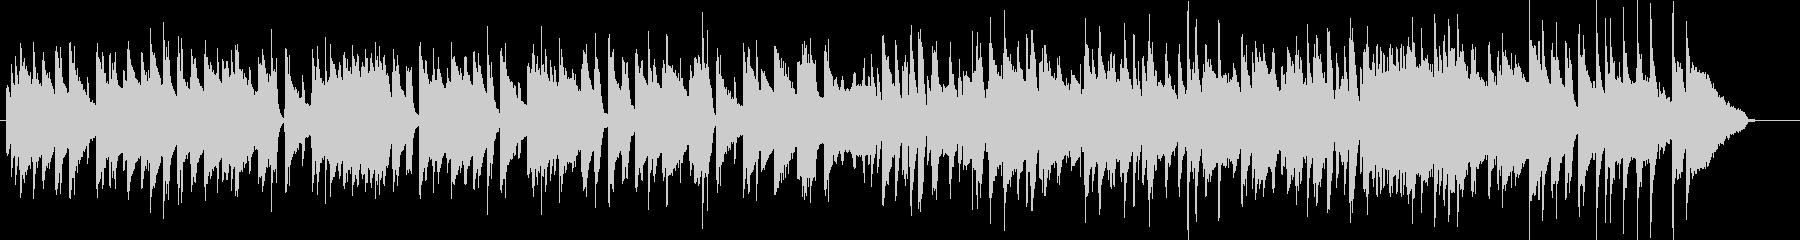 おしゃれな雰囲気のジャズトリオBGMの未再生の波形